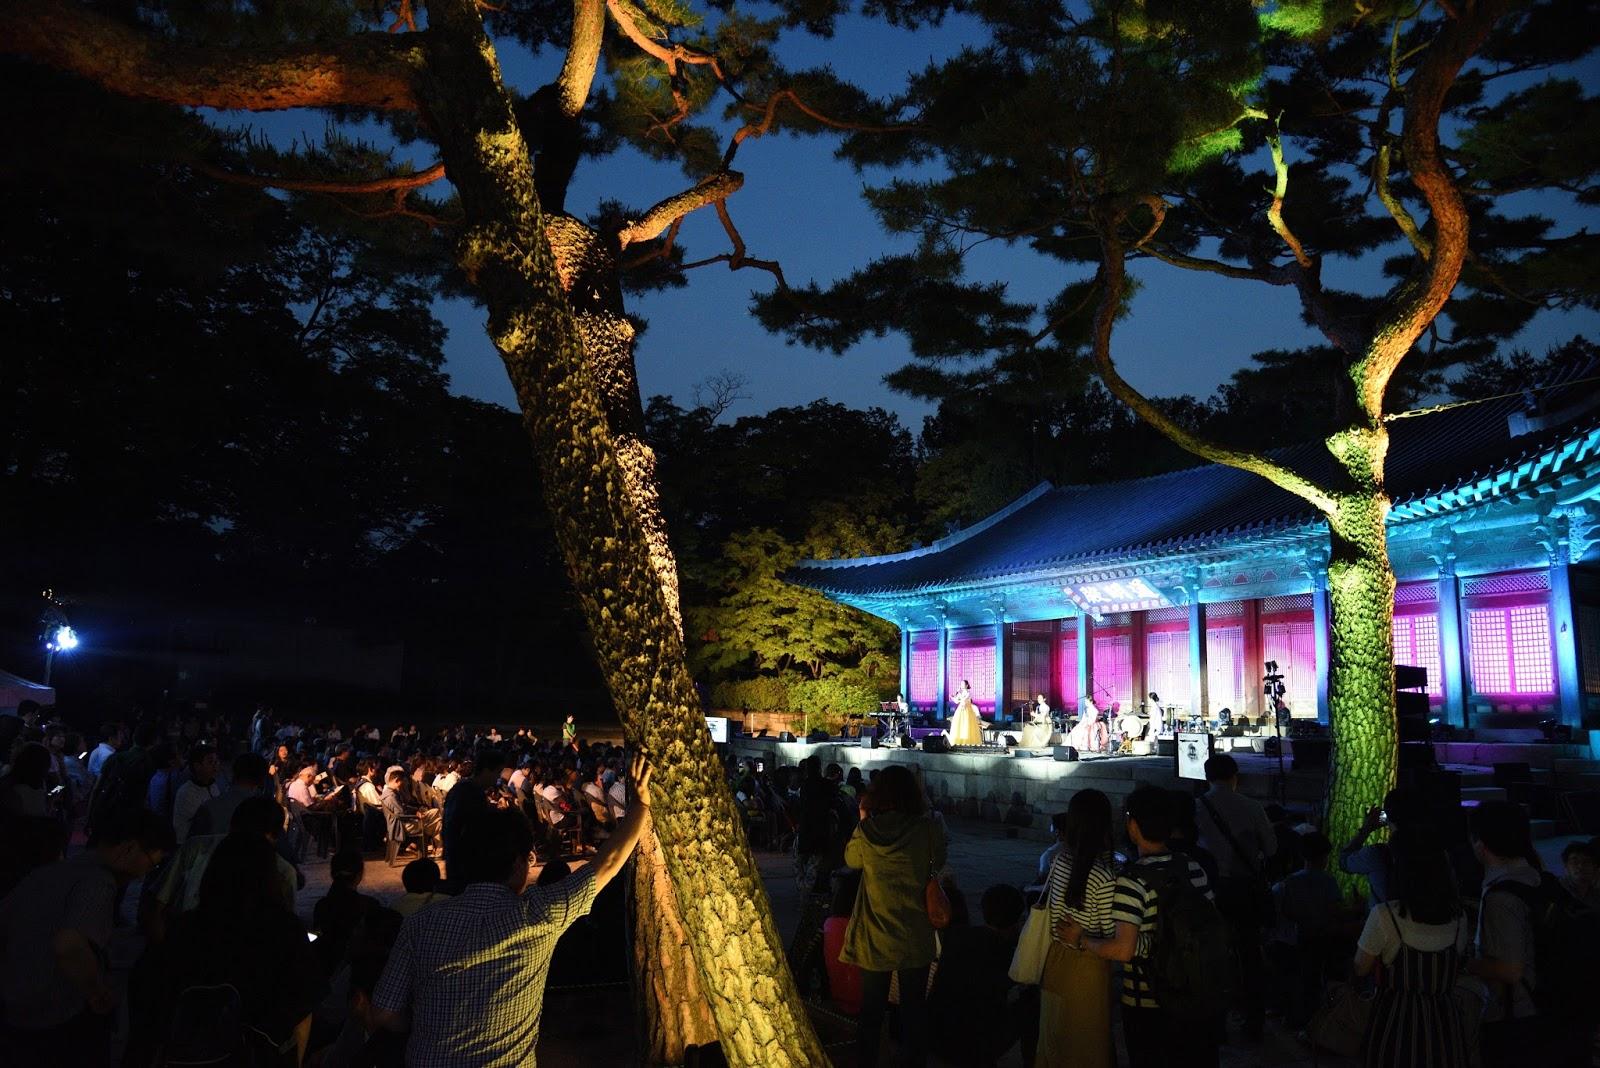 궁궐 달빛기행 공연